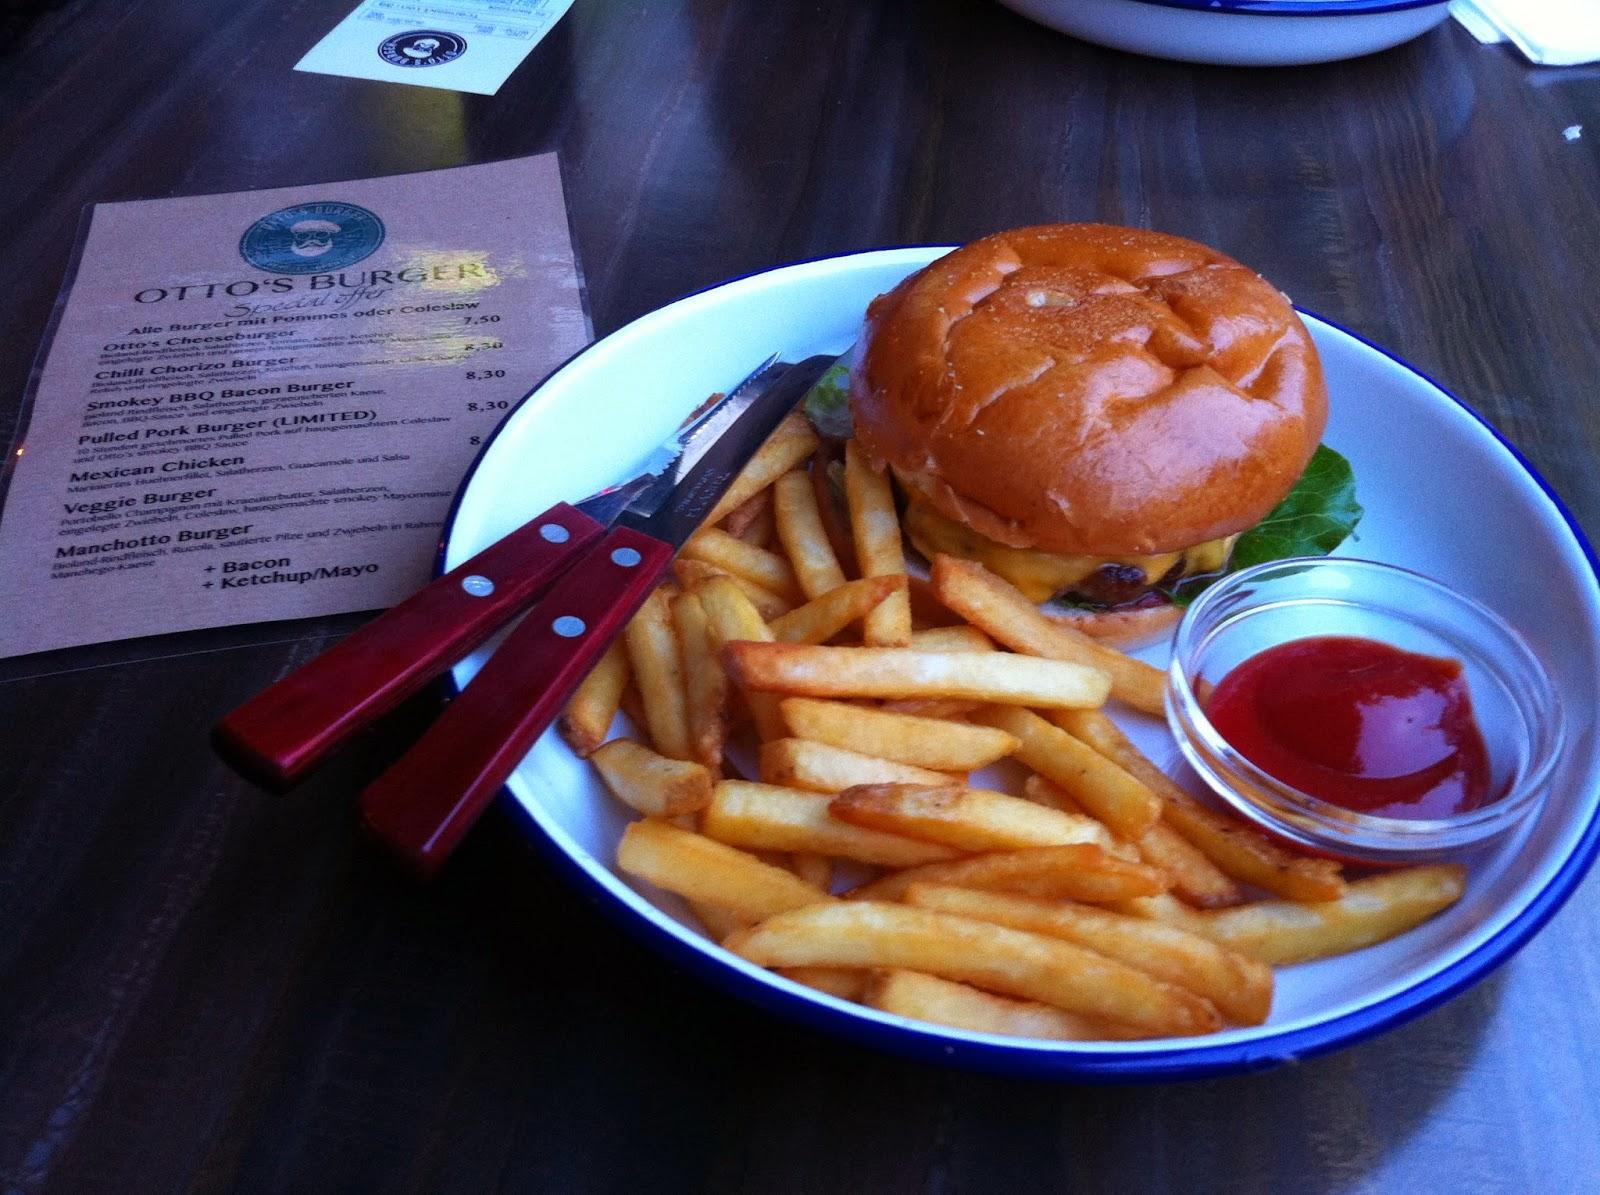 Kakaoklo otto 39 s burger for Ottos burger hamburg